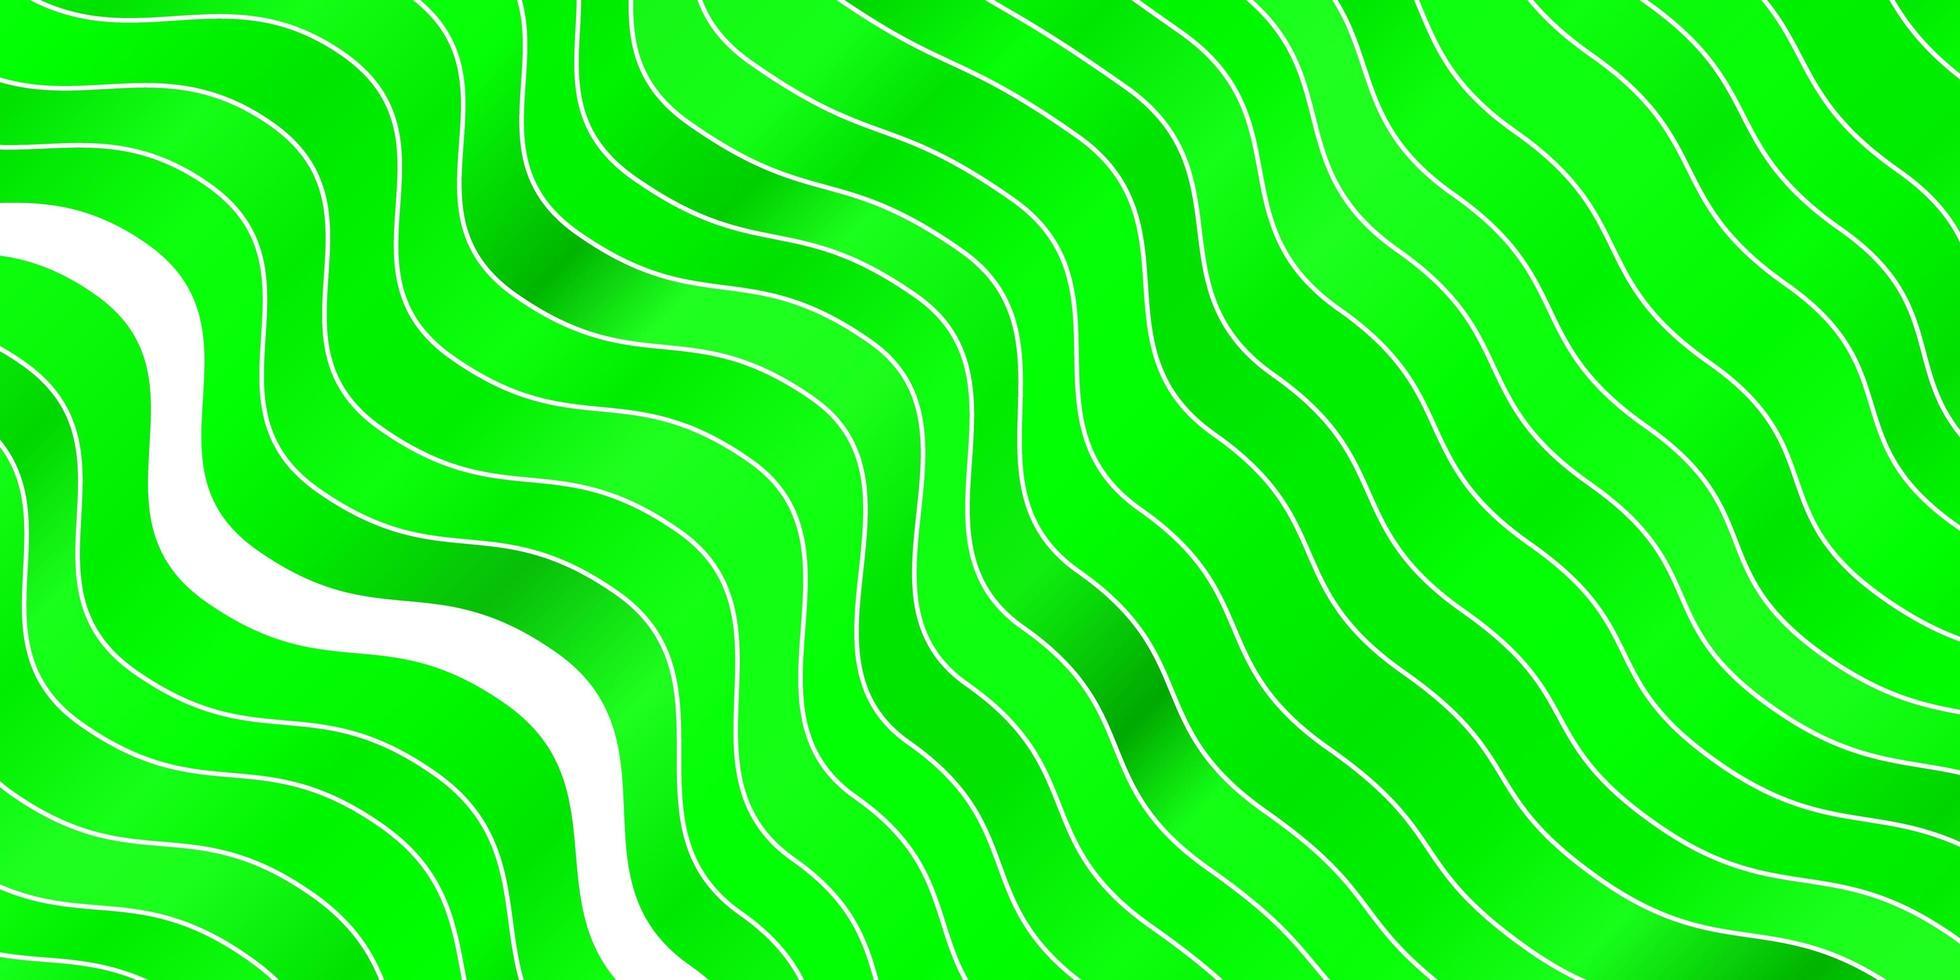 lichtgroen vector sjabloon met gebogen lijnen.